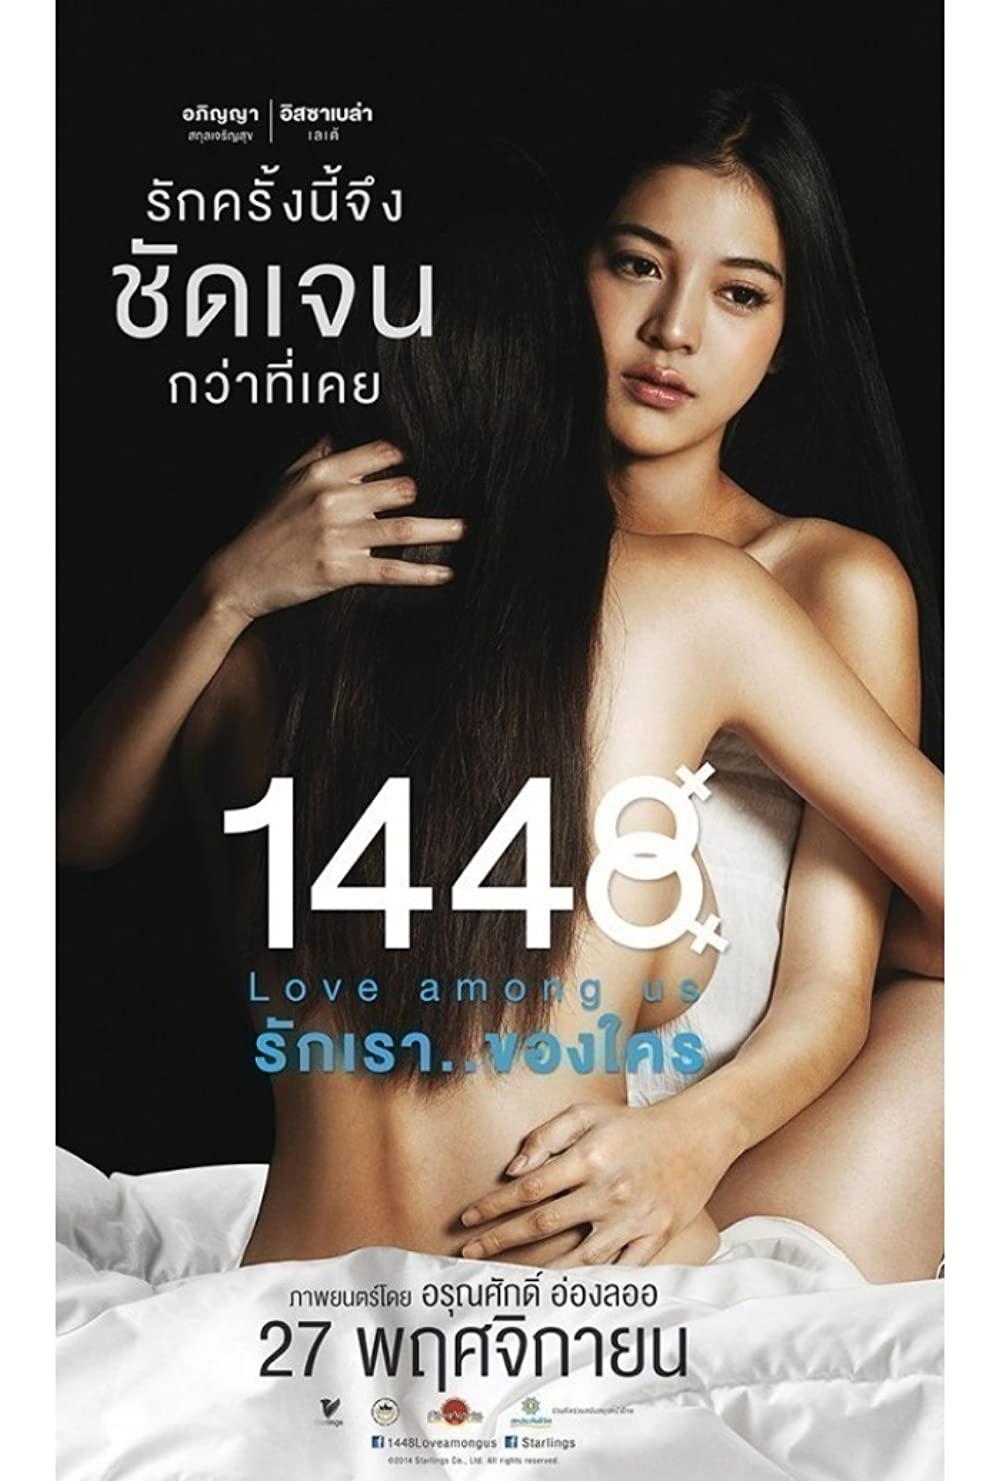 phim bách hợp Thái Lan